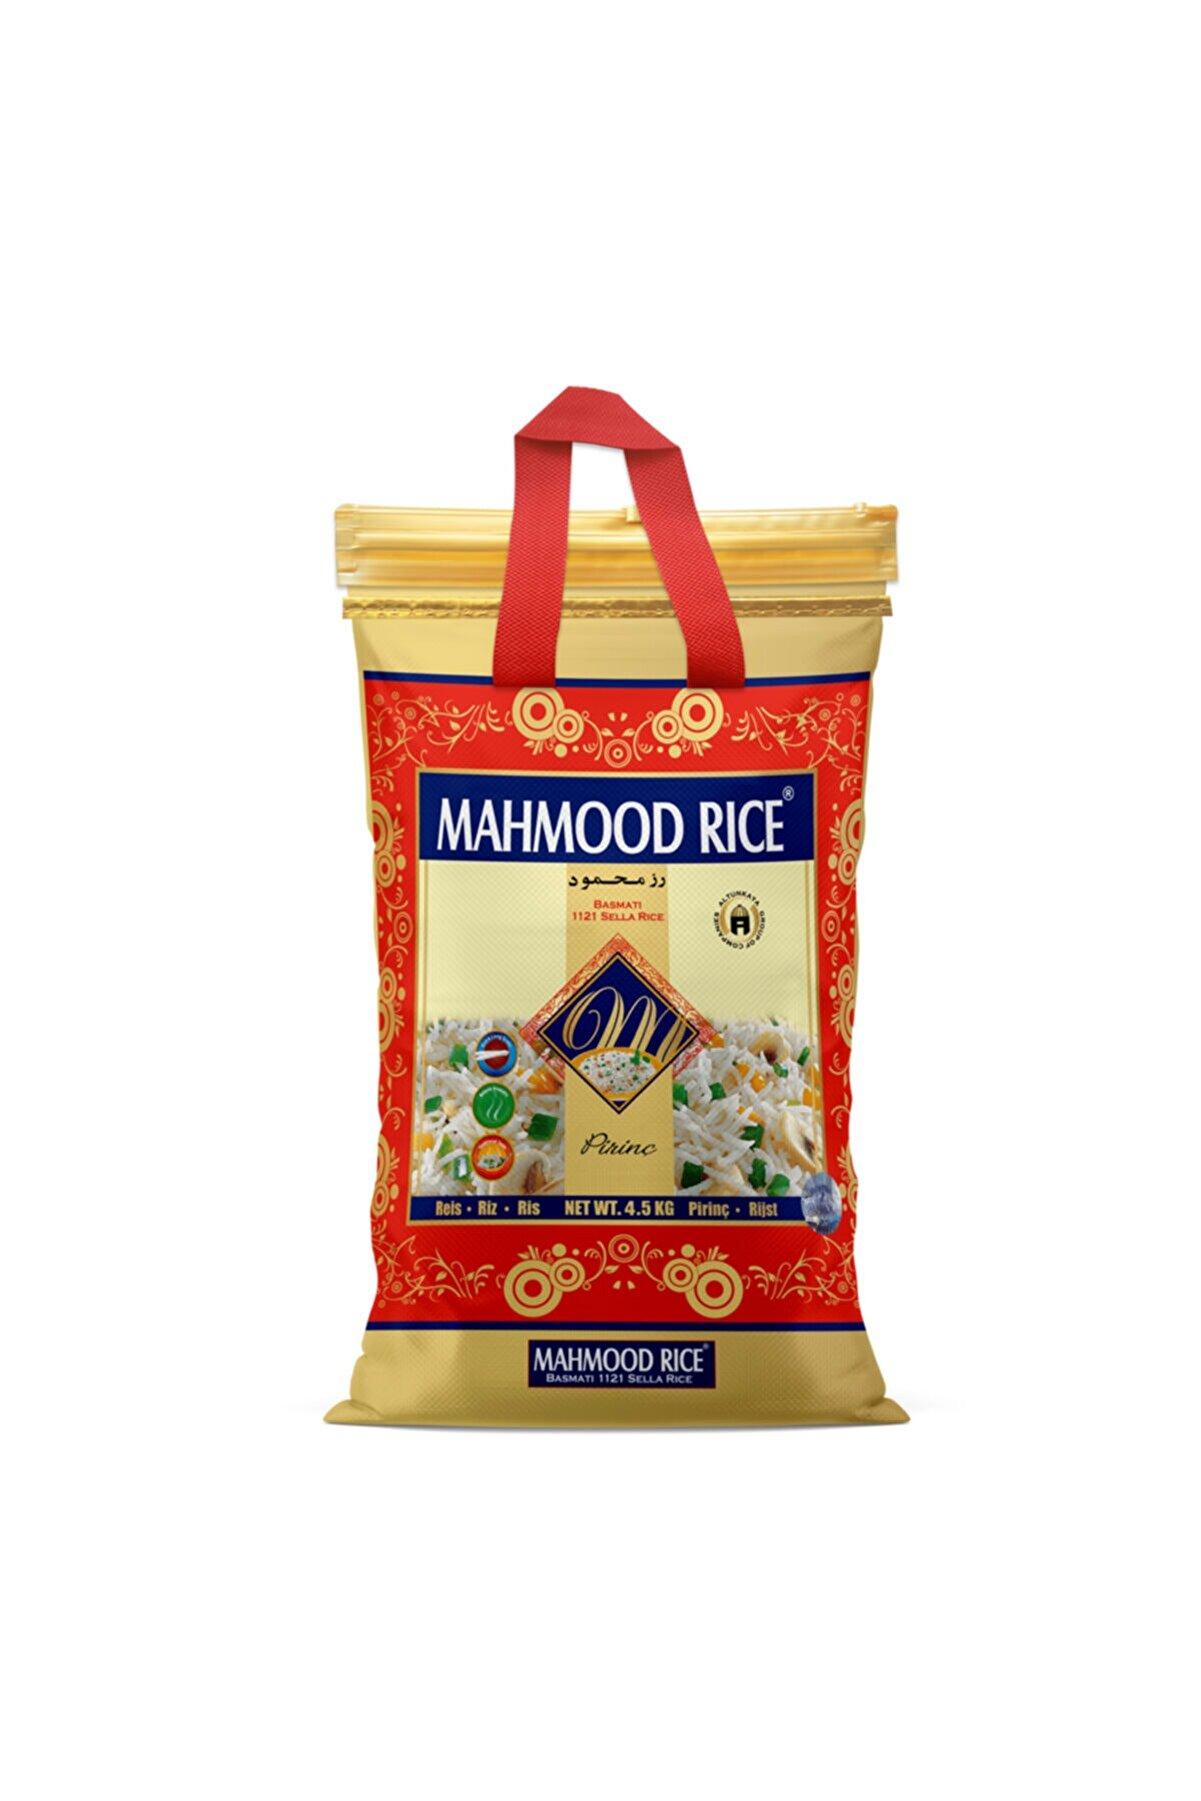 Mahmood Rıce Rice Basmati Pirinç 4,5 Kg ( Sonsepet Rice Markasının Üreticisi Ve Satıcısıdır)